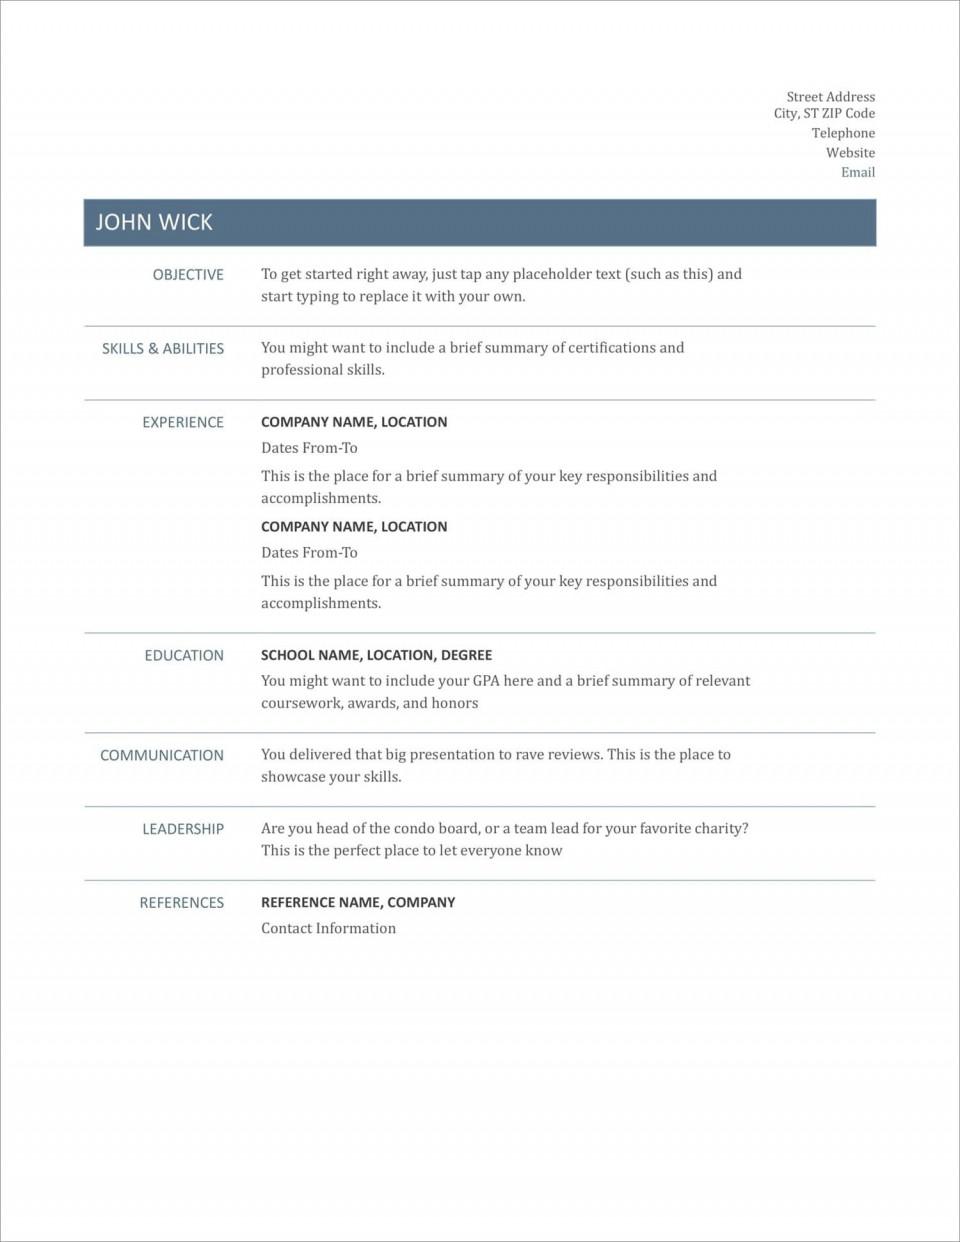 005 Striking Free Printable Resume Template Australia Photo 960